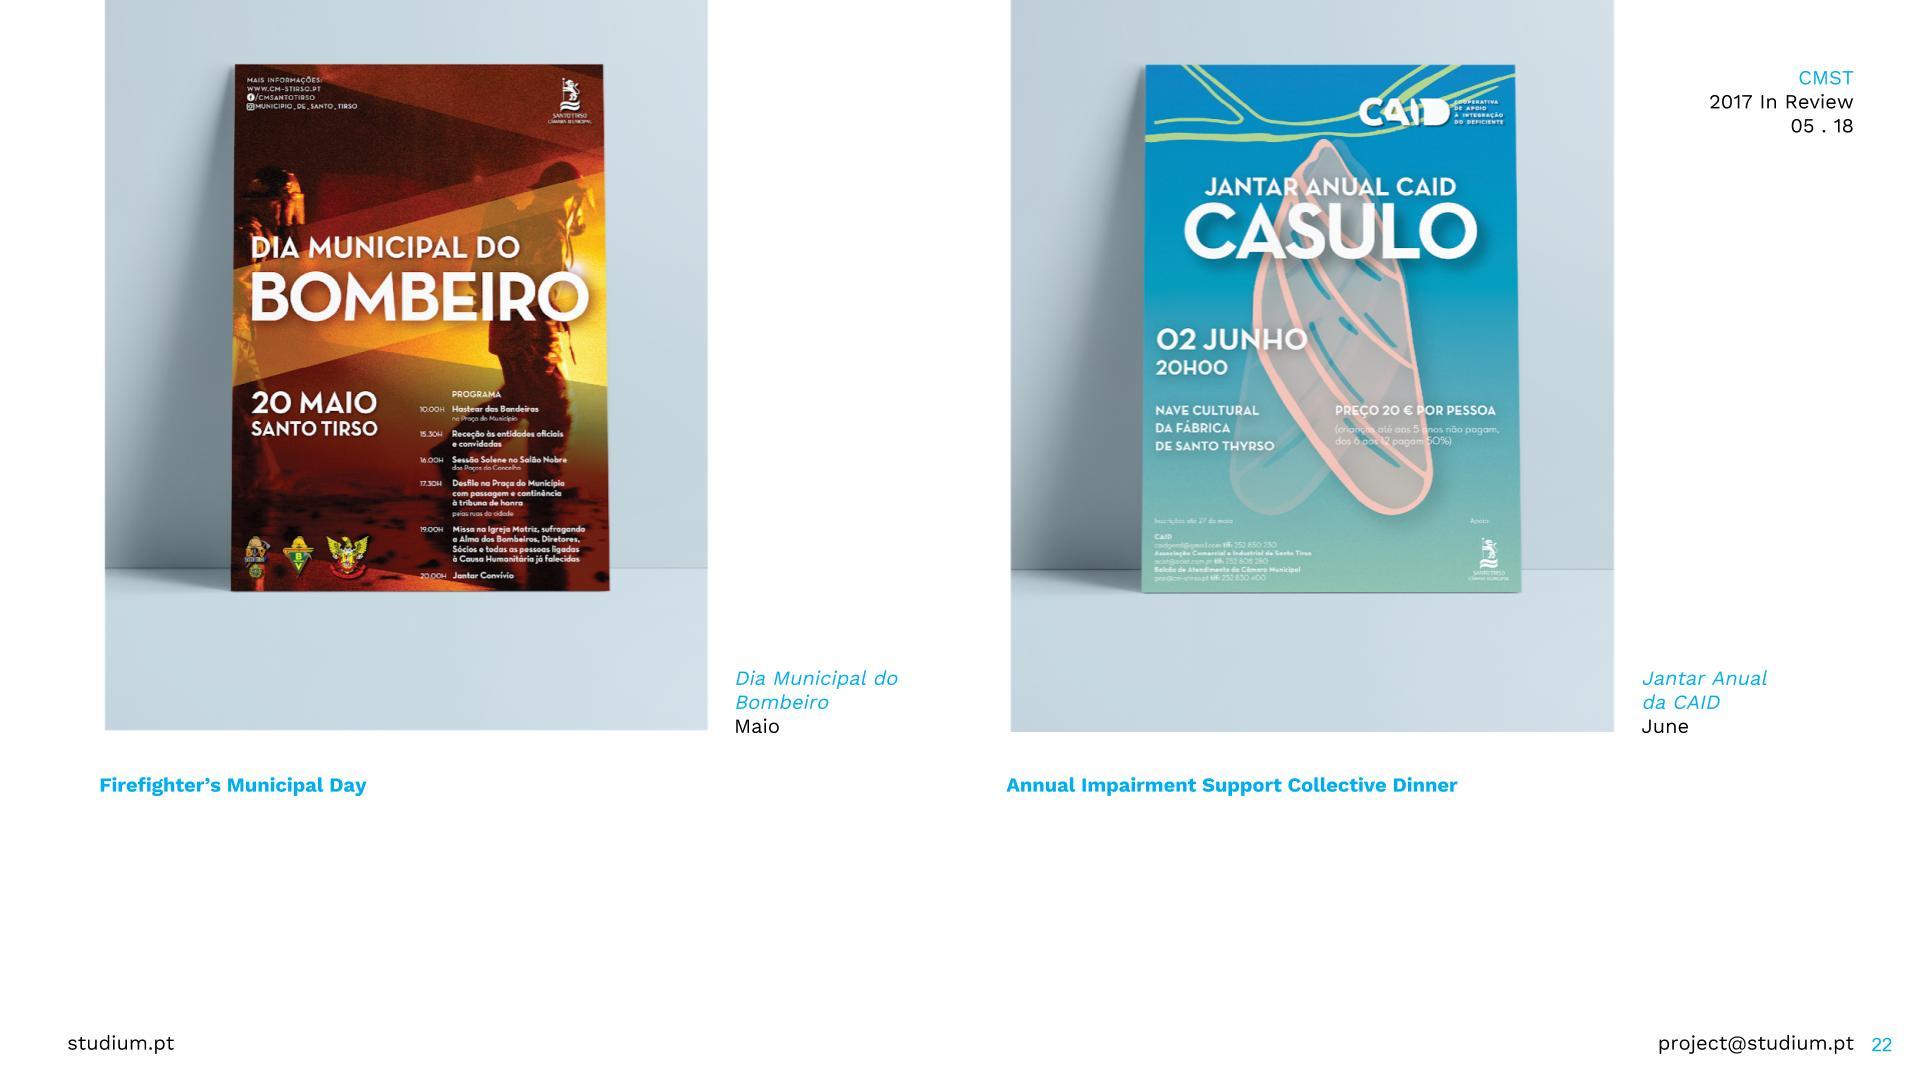 BRD20170006-CMST-Relatório2017-Presentation-PU.01 (21)